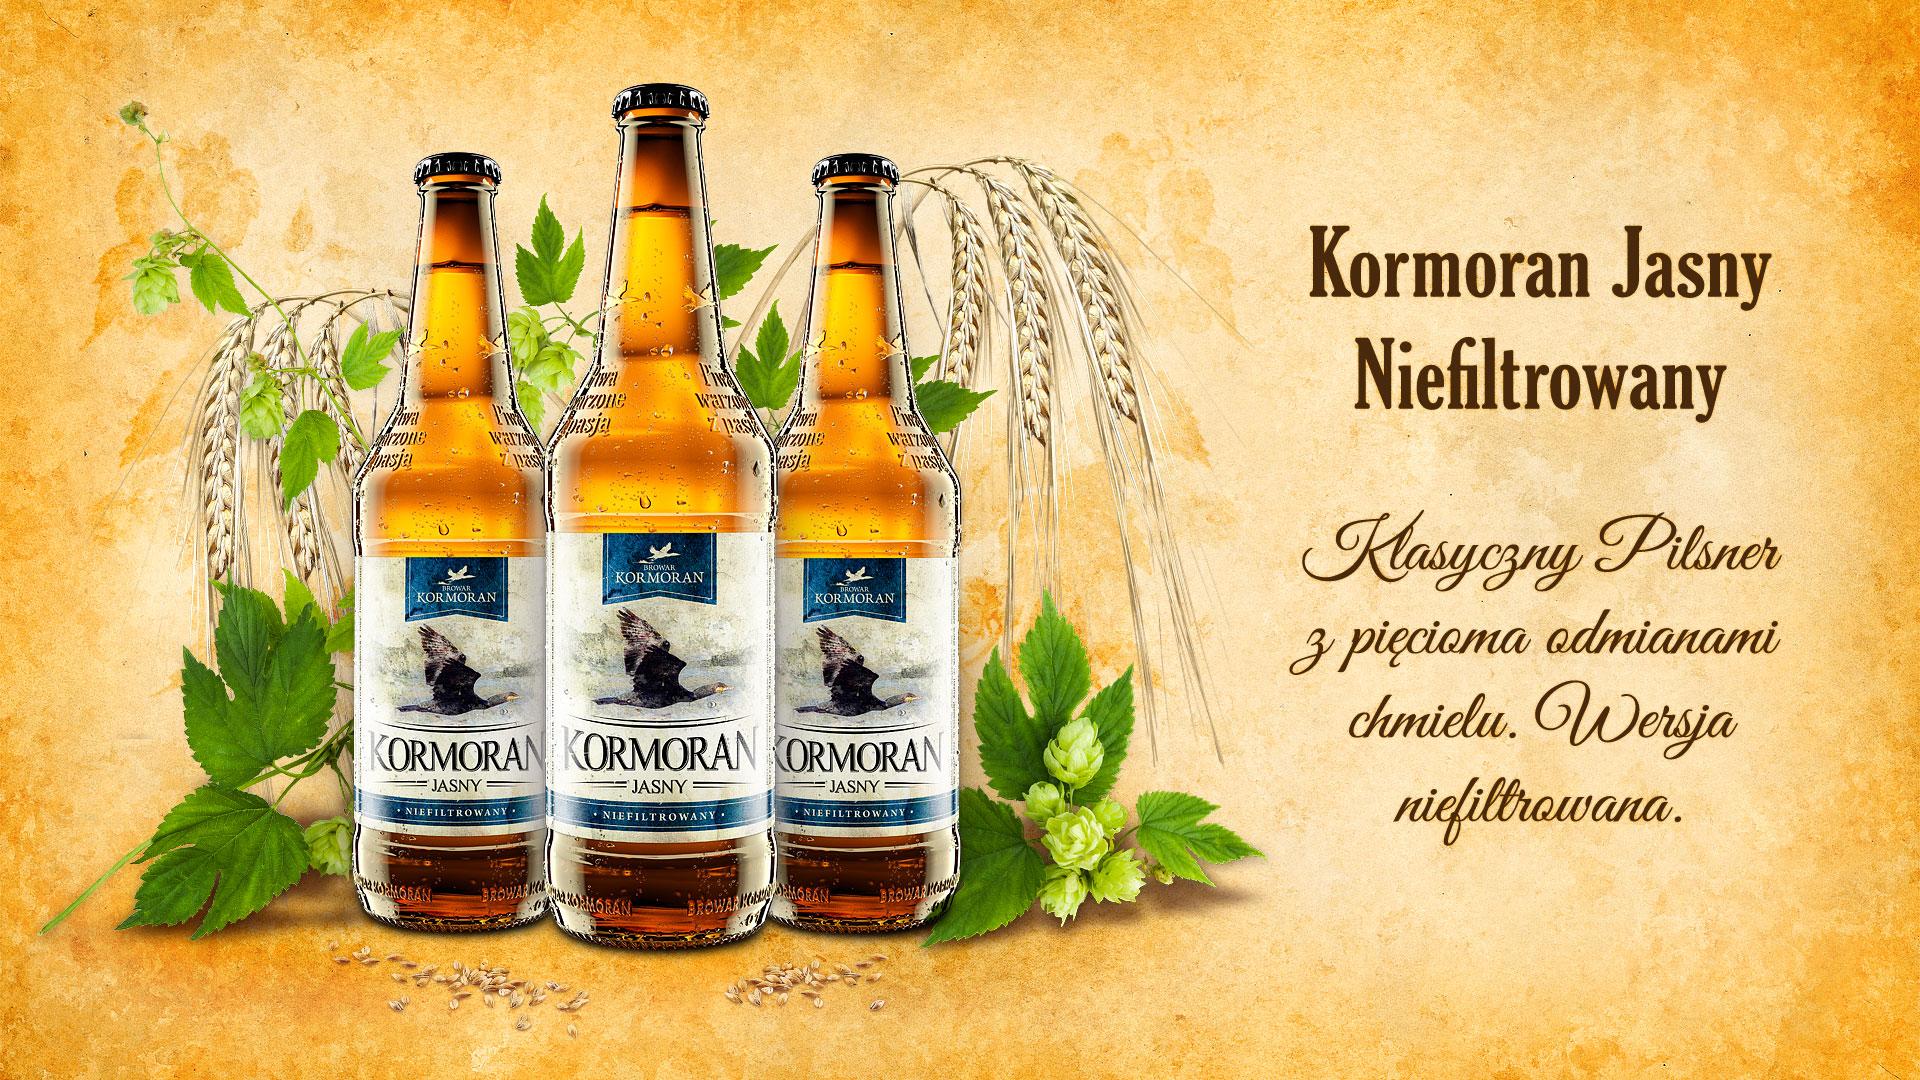 Piwo Kormoran Jasny Niefiltrowany - Browar Kormoran